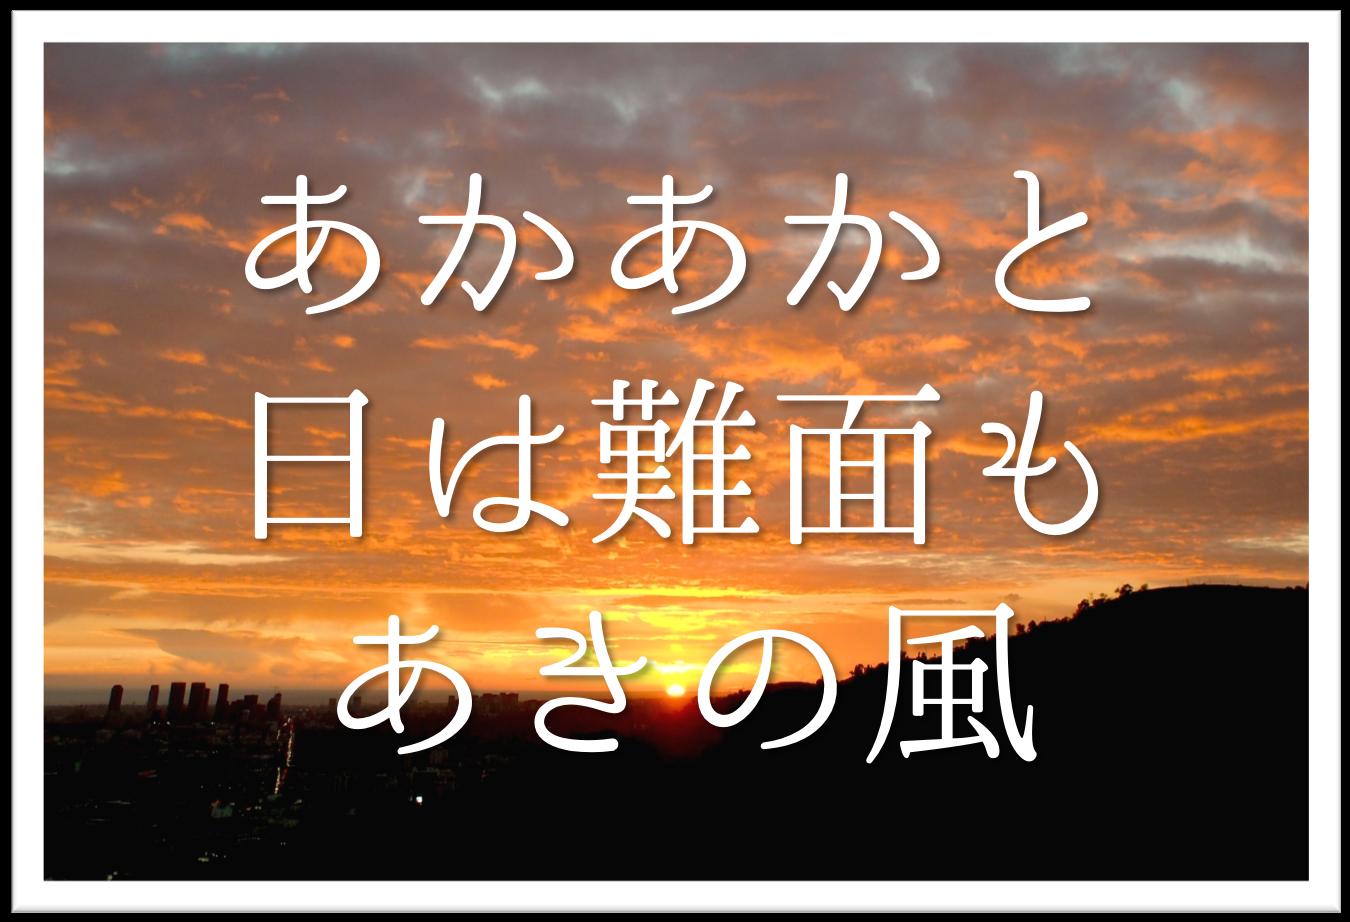 【あかあかと日はつれなくも秋の風】俳句の季語や意味・表現技法・鑑賞・作者など徹底解説!!